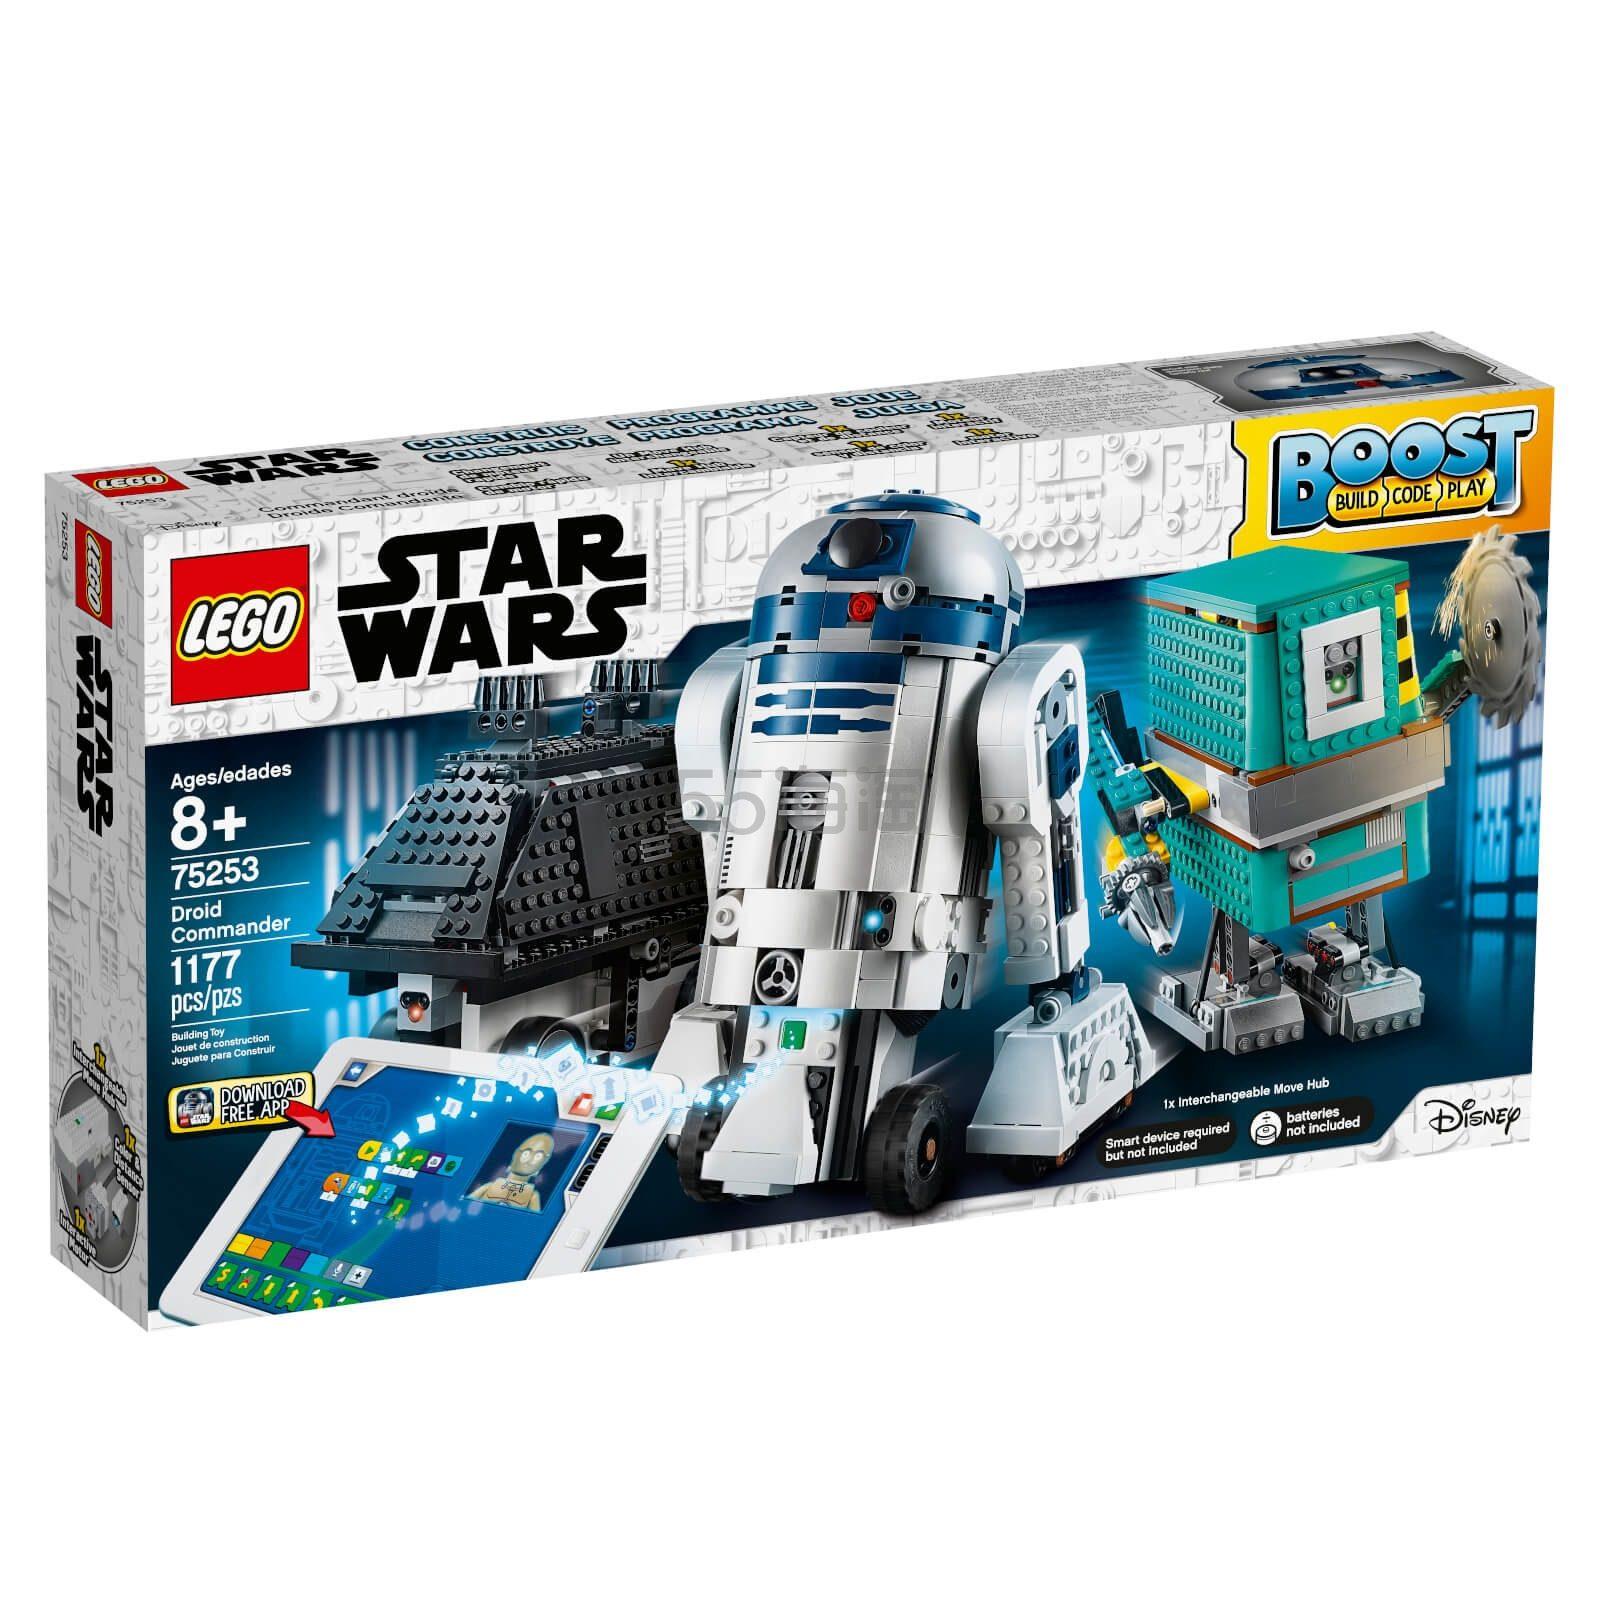 免邮!LEGO 乐高 星球大战系列 机器人指挥官 (75253) £144.99(约1,261元) - 海淘优惠海淘折扣|55海淘网